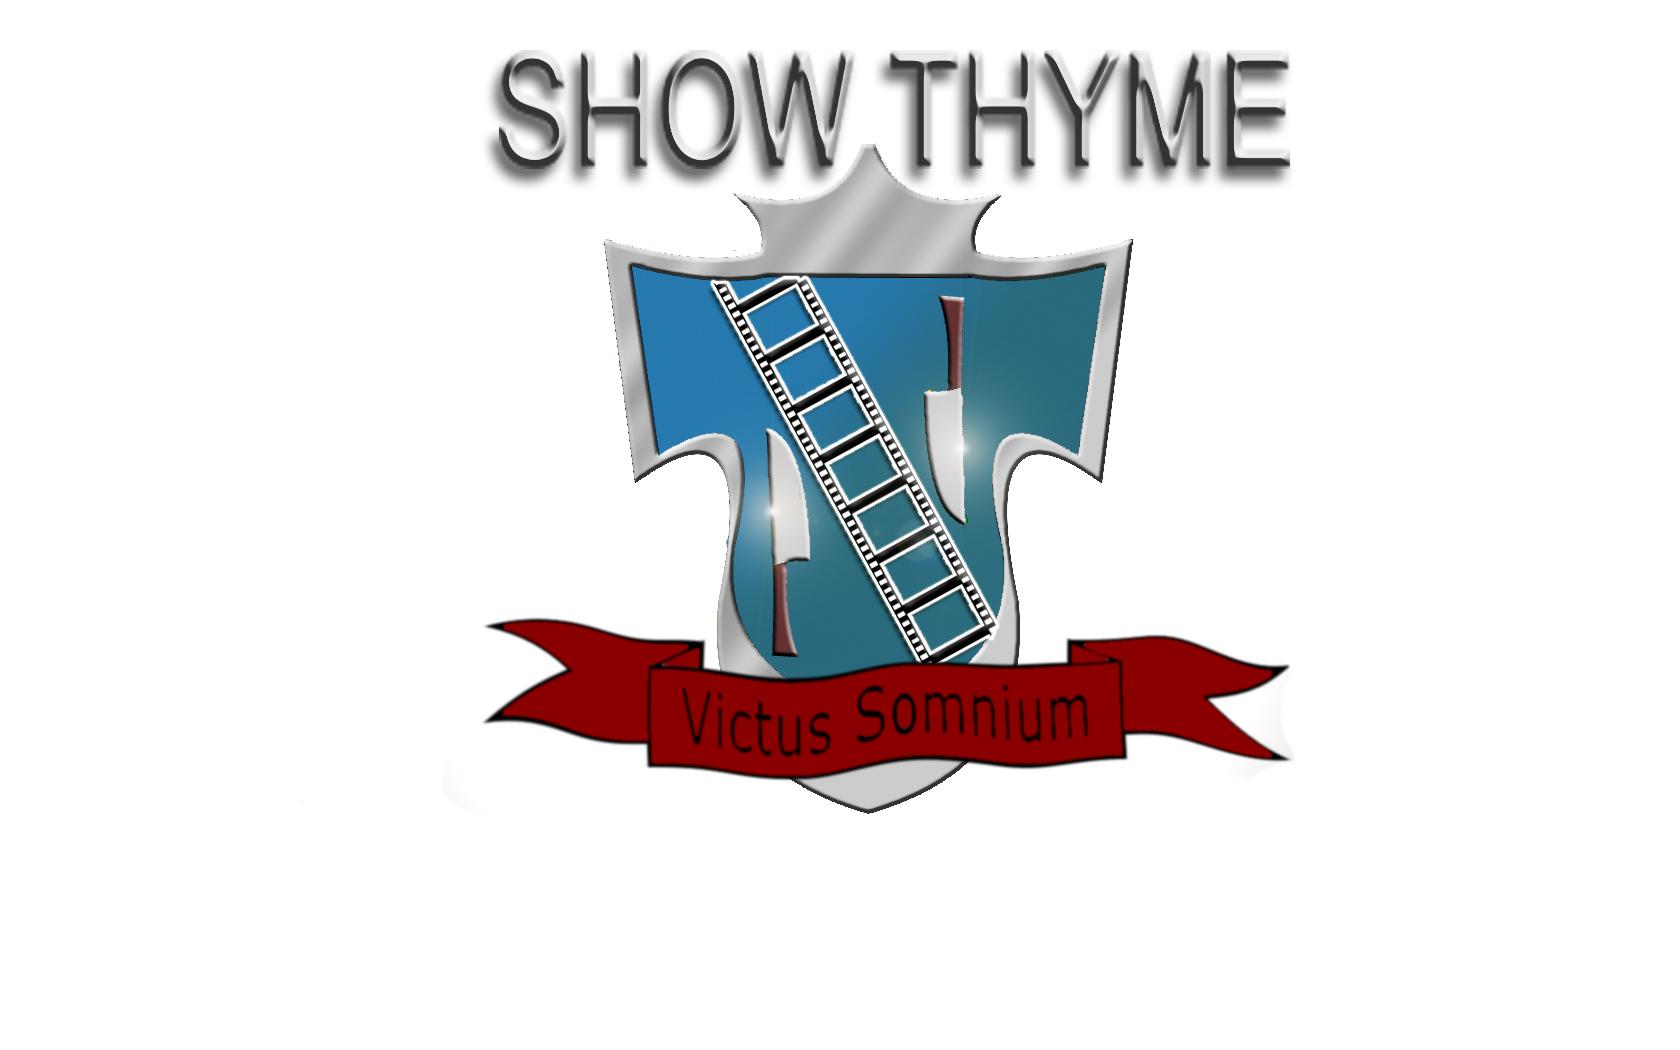 Logo Design by Kostas Vasiloglou - Entry No. 29 in the Logo Design Contest Showthyme Catering Logo Design.